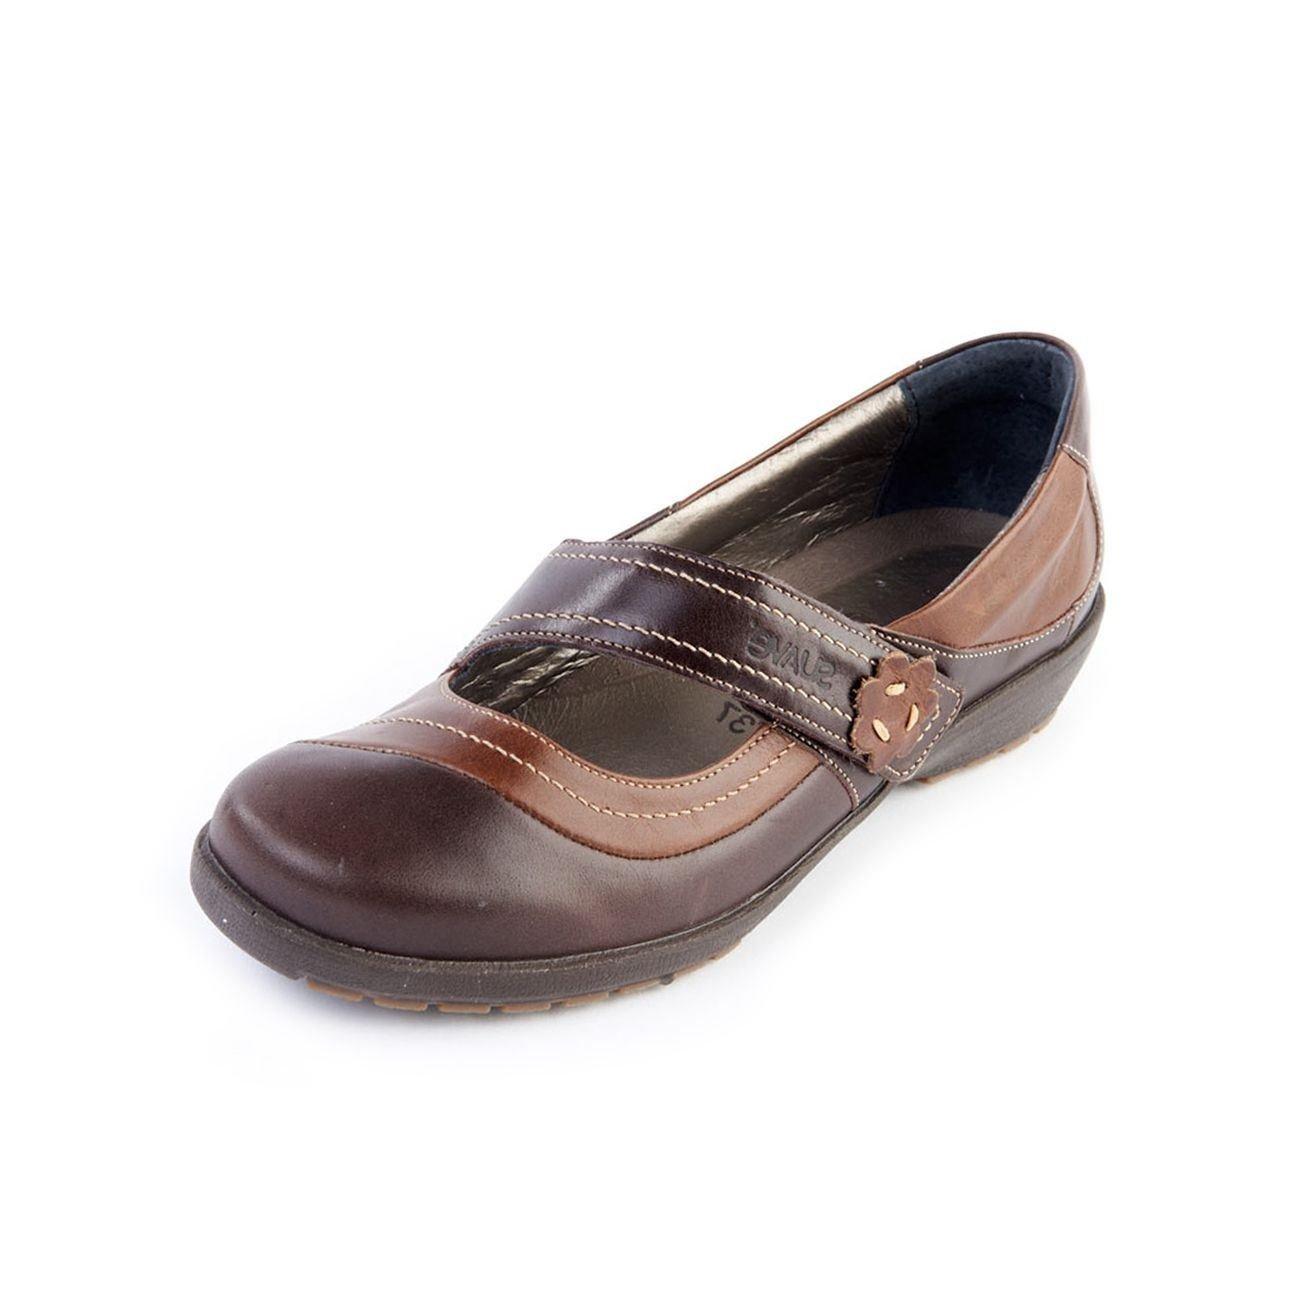 Chaussures de ville /à lacets pour femme Suave